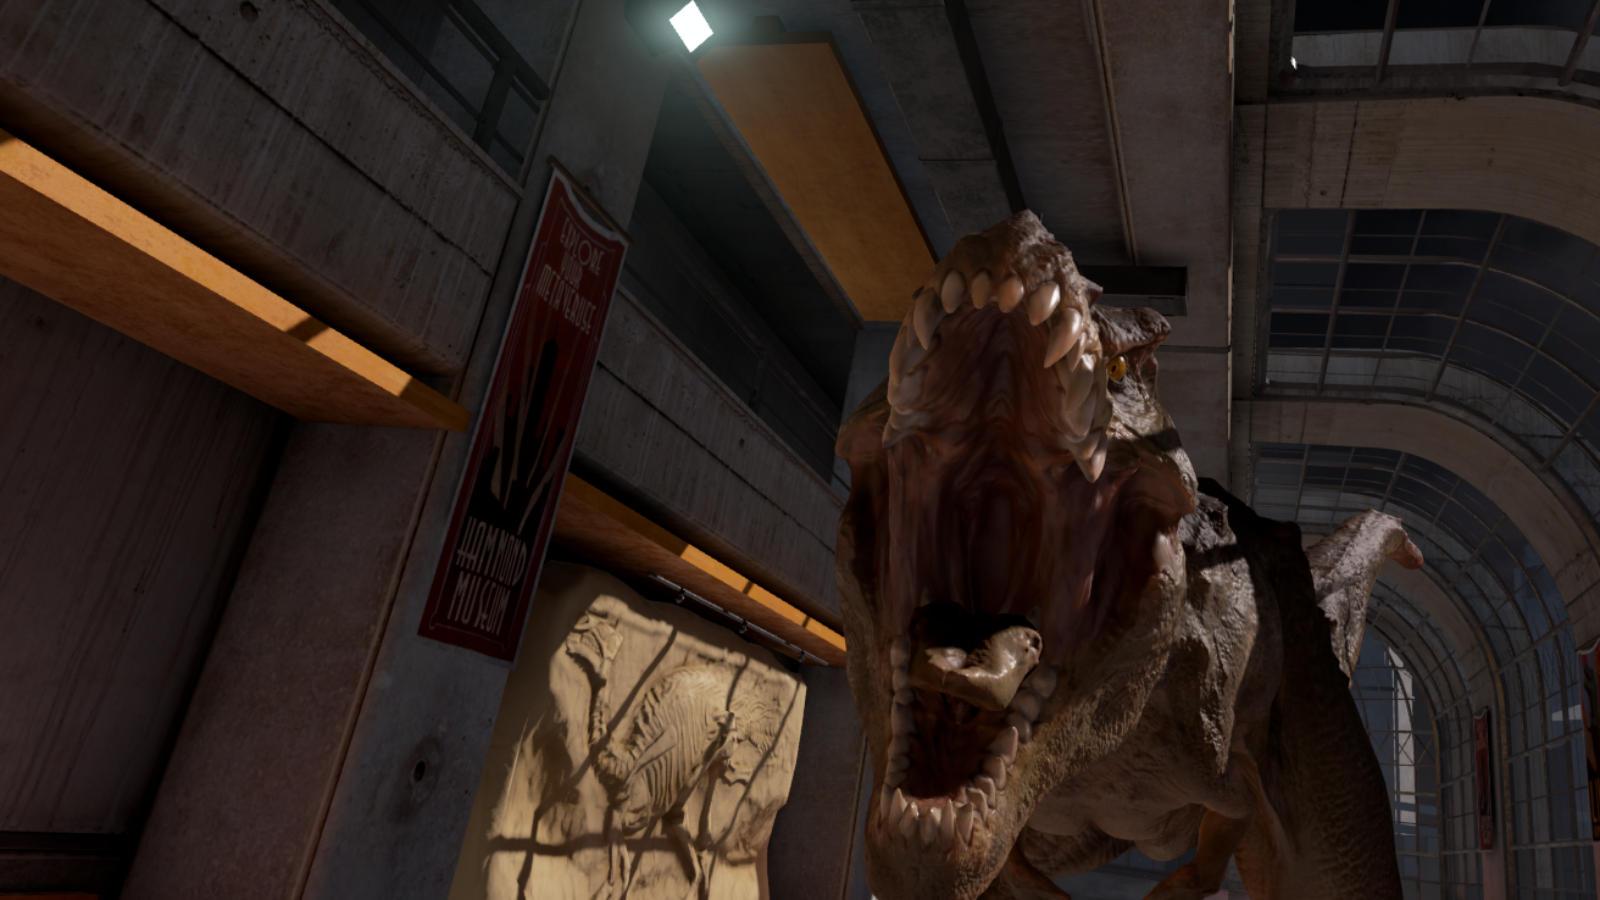 廊下の奥からこちらにくる恐竜の迫力に思わずたじろいでしまう